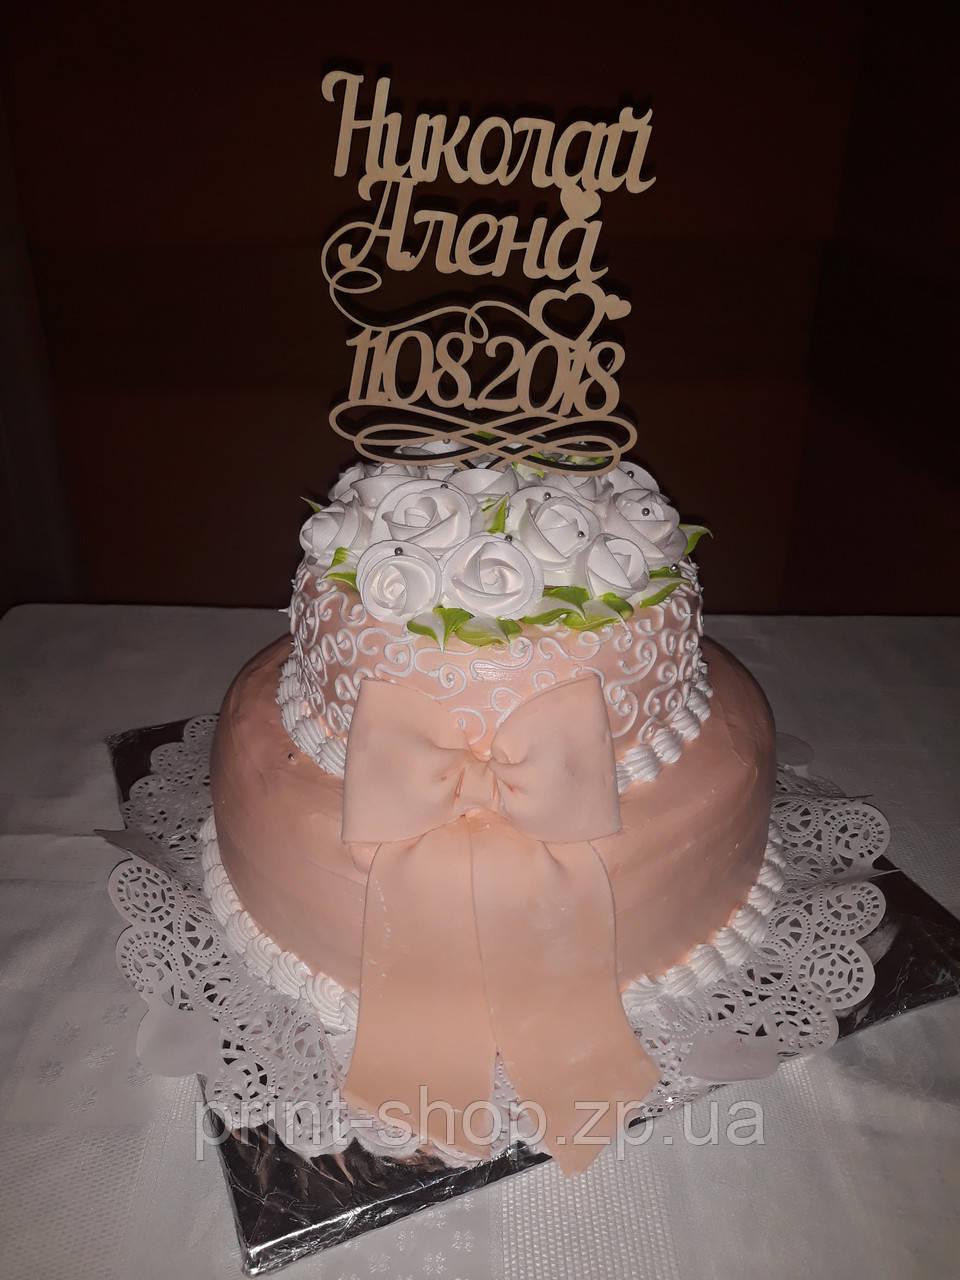 Эксклюзивный топер двухярусный свадебный торт. Топпер для торта.